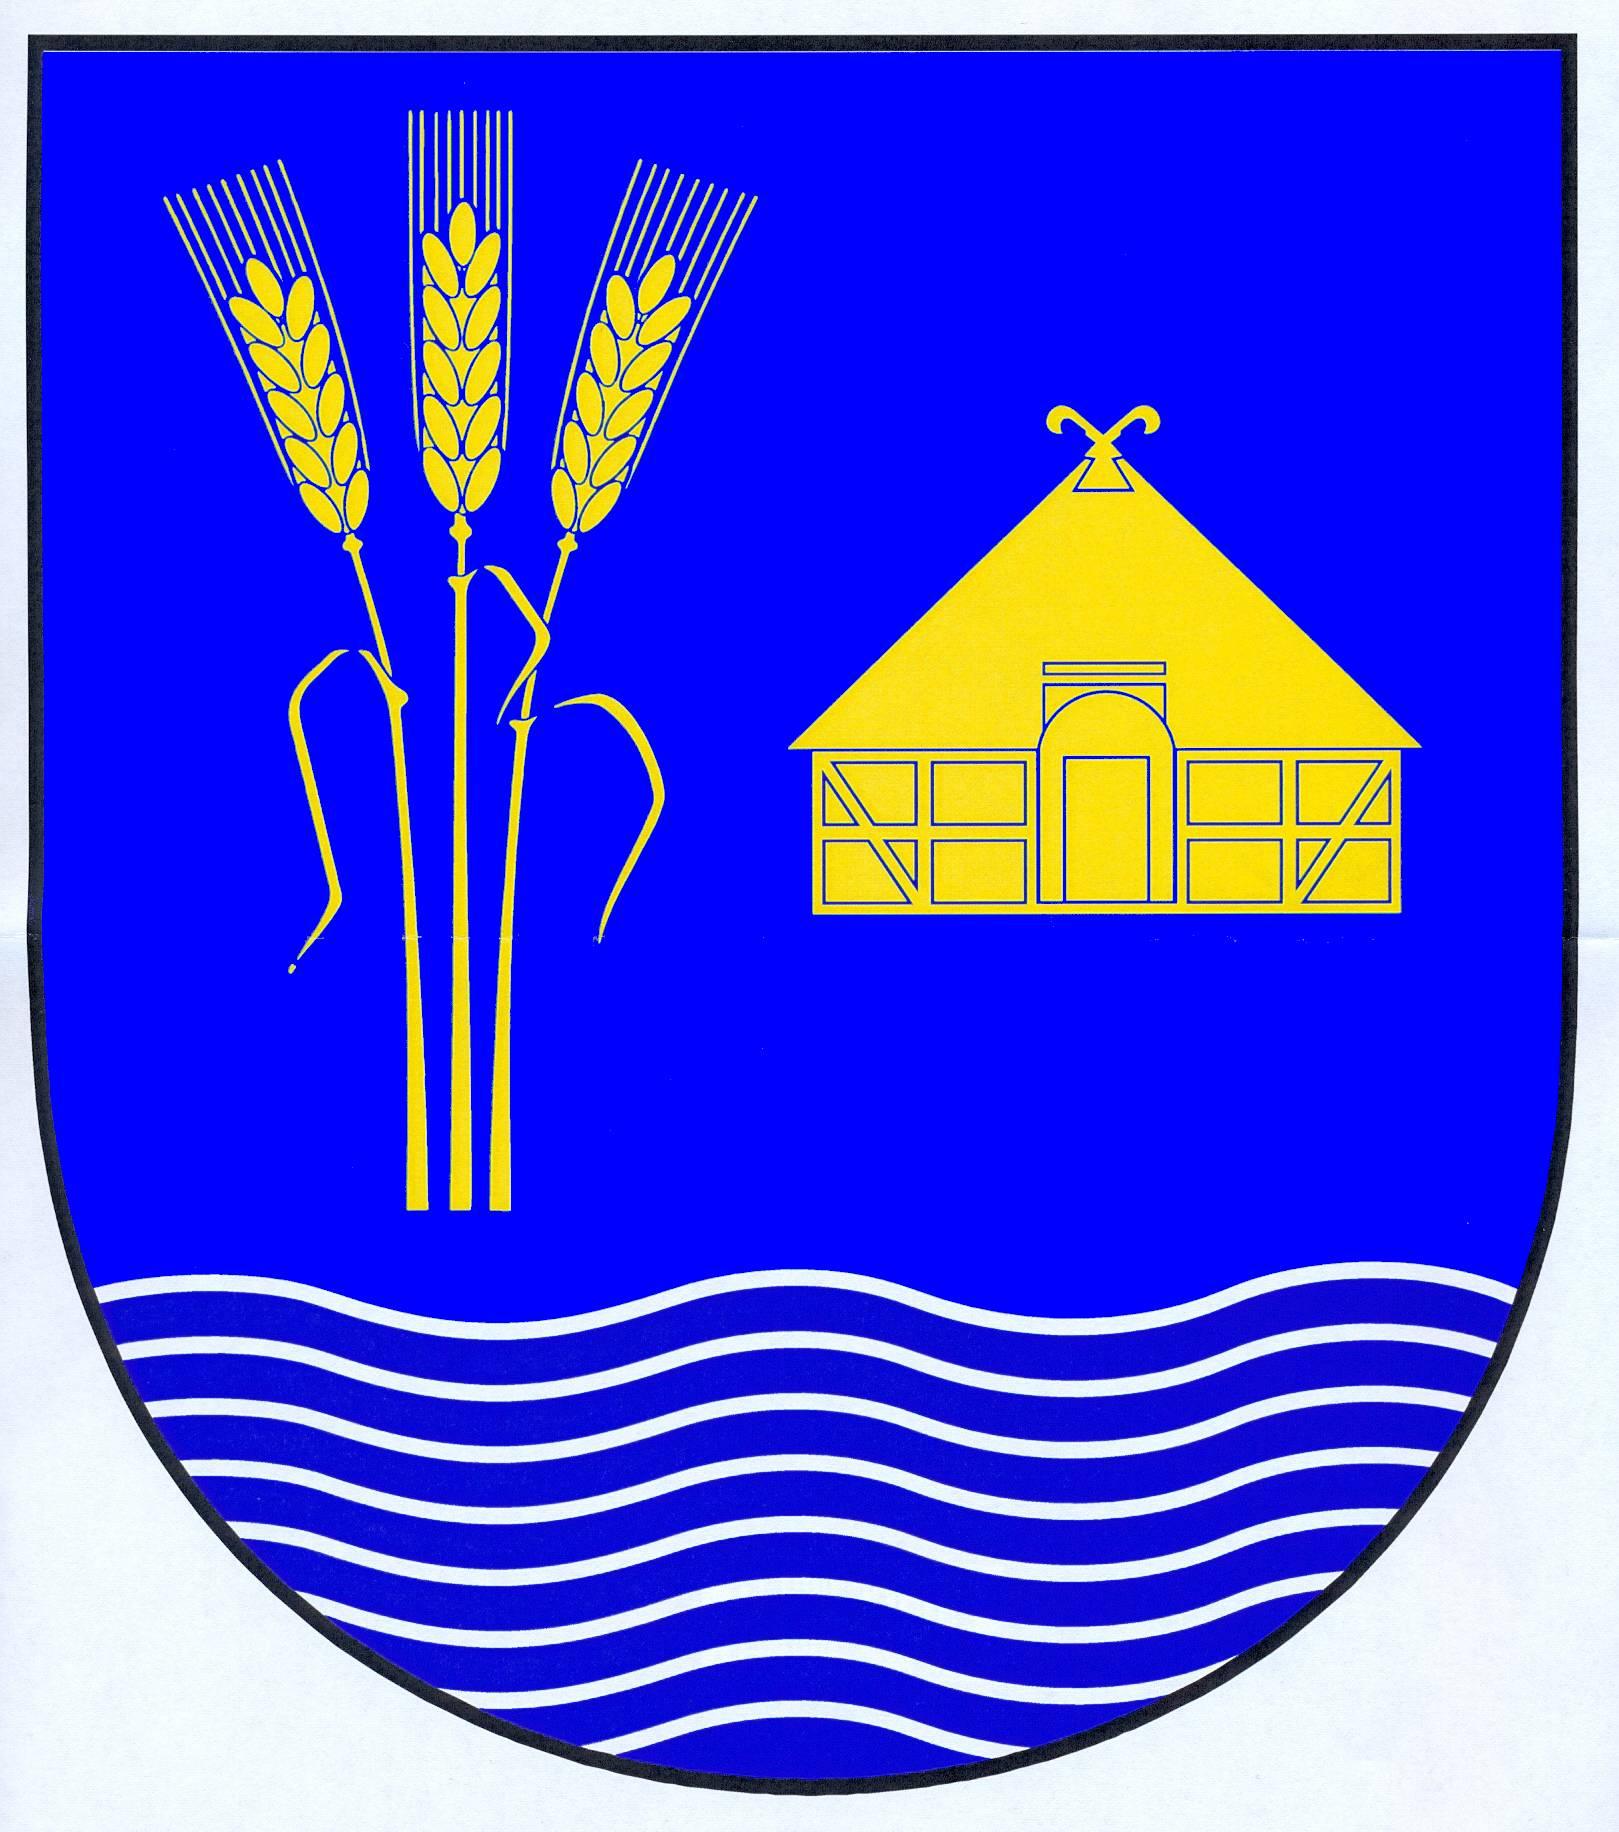 Wappen GemeindeWarwerort, Kreis Dithmarschen